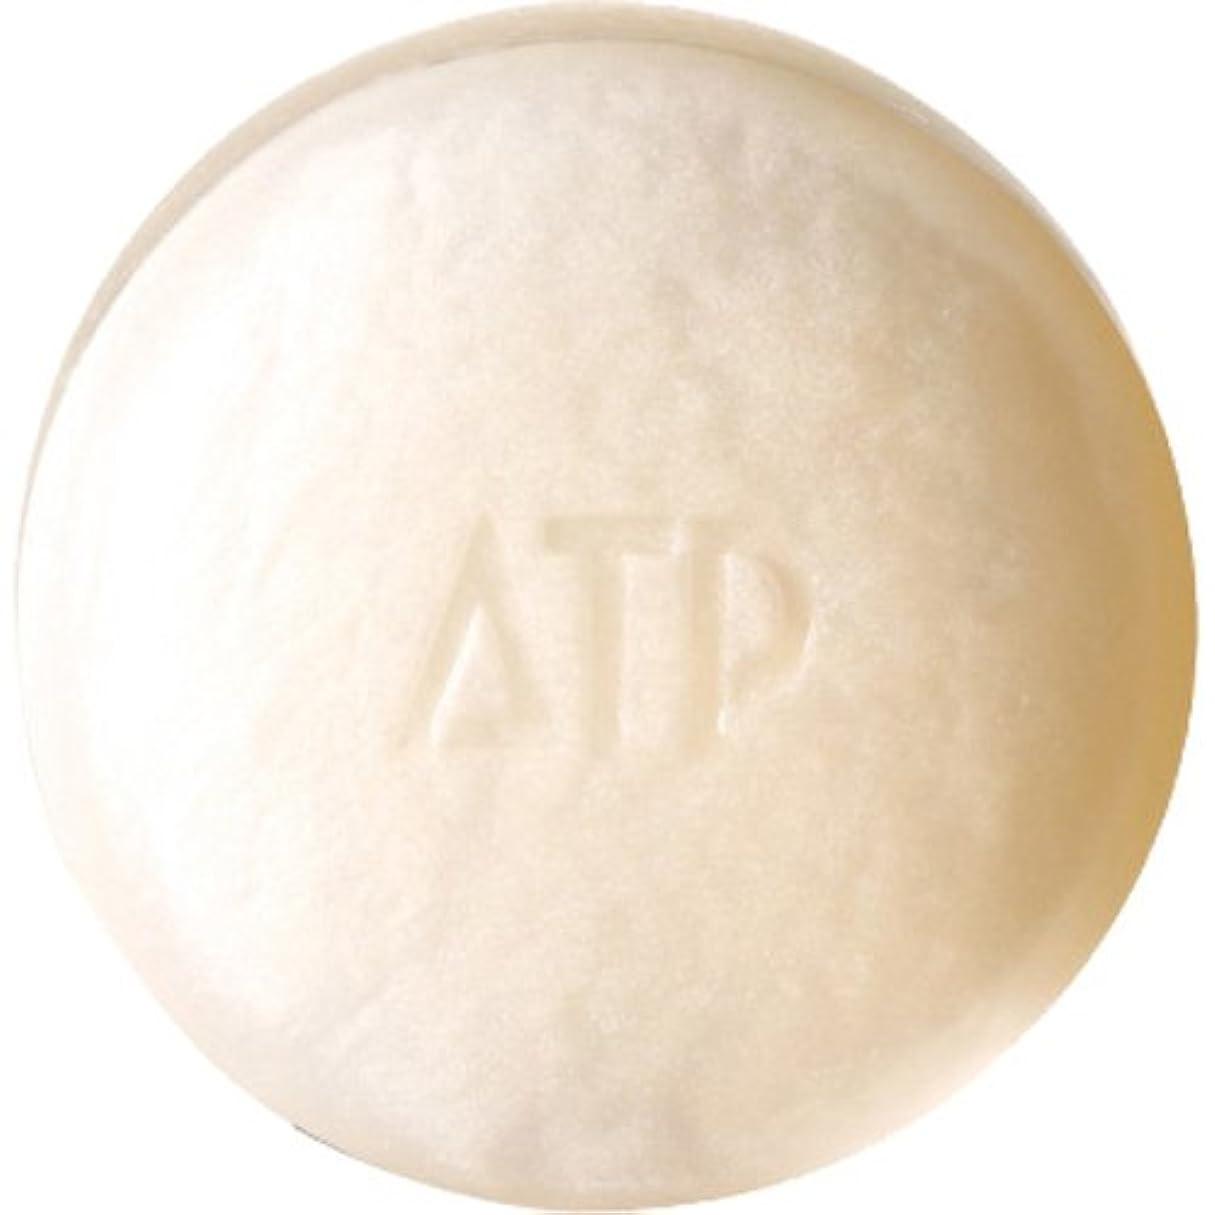 悲しむ殺しますシャッター薬用ATP デリケアソープ 100g ケースなし (全身用洗浄石けん?枠練り) [医薬部外品]